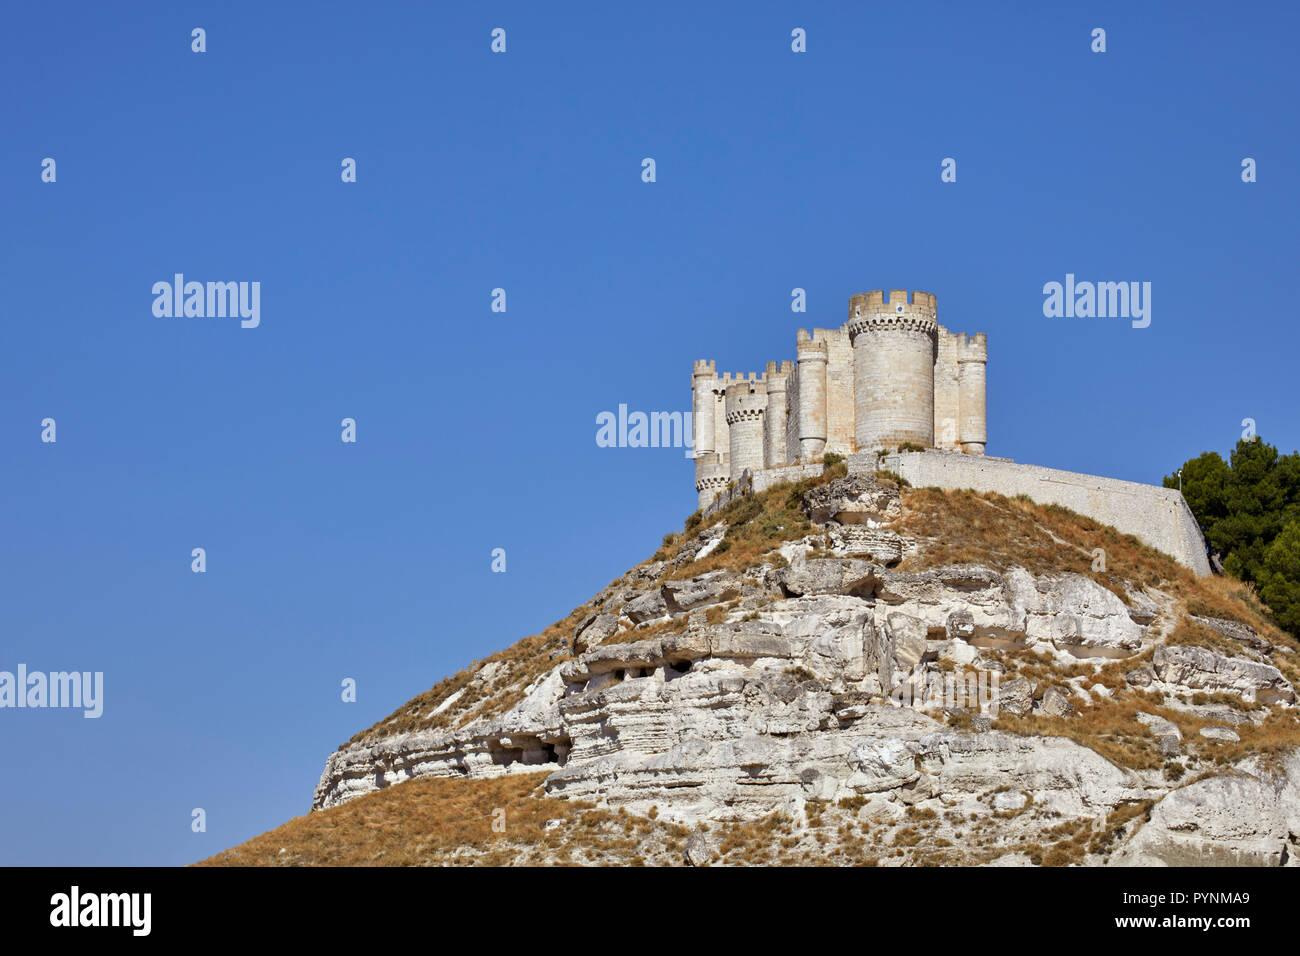 The Castillo de Peñafiel. Peñafiel, Castilla y León, Spain.  [Ribera del Duero] - Stock Image